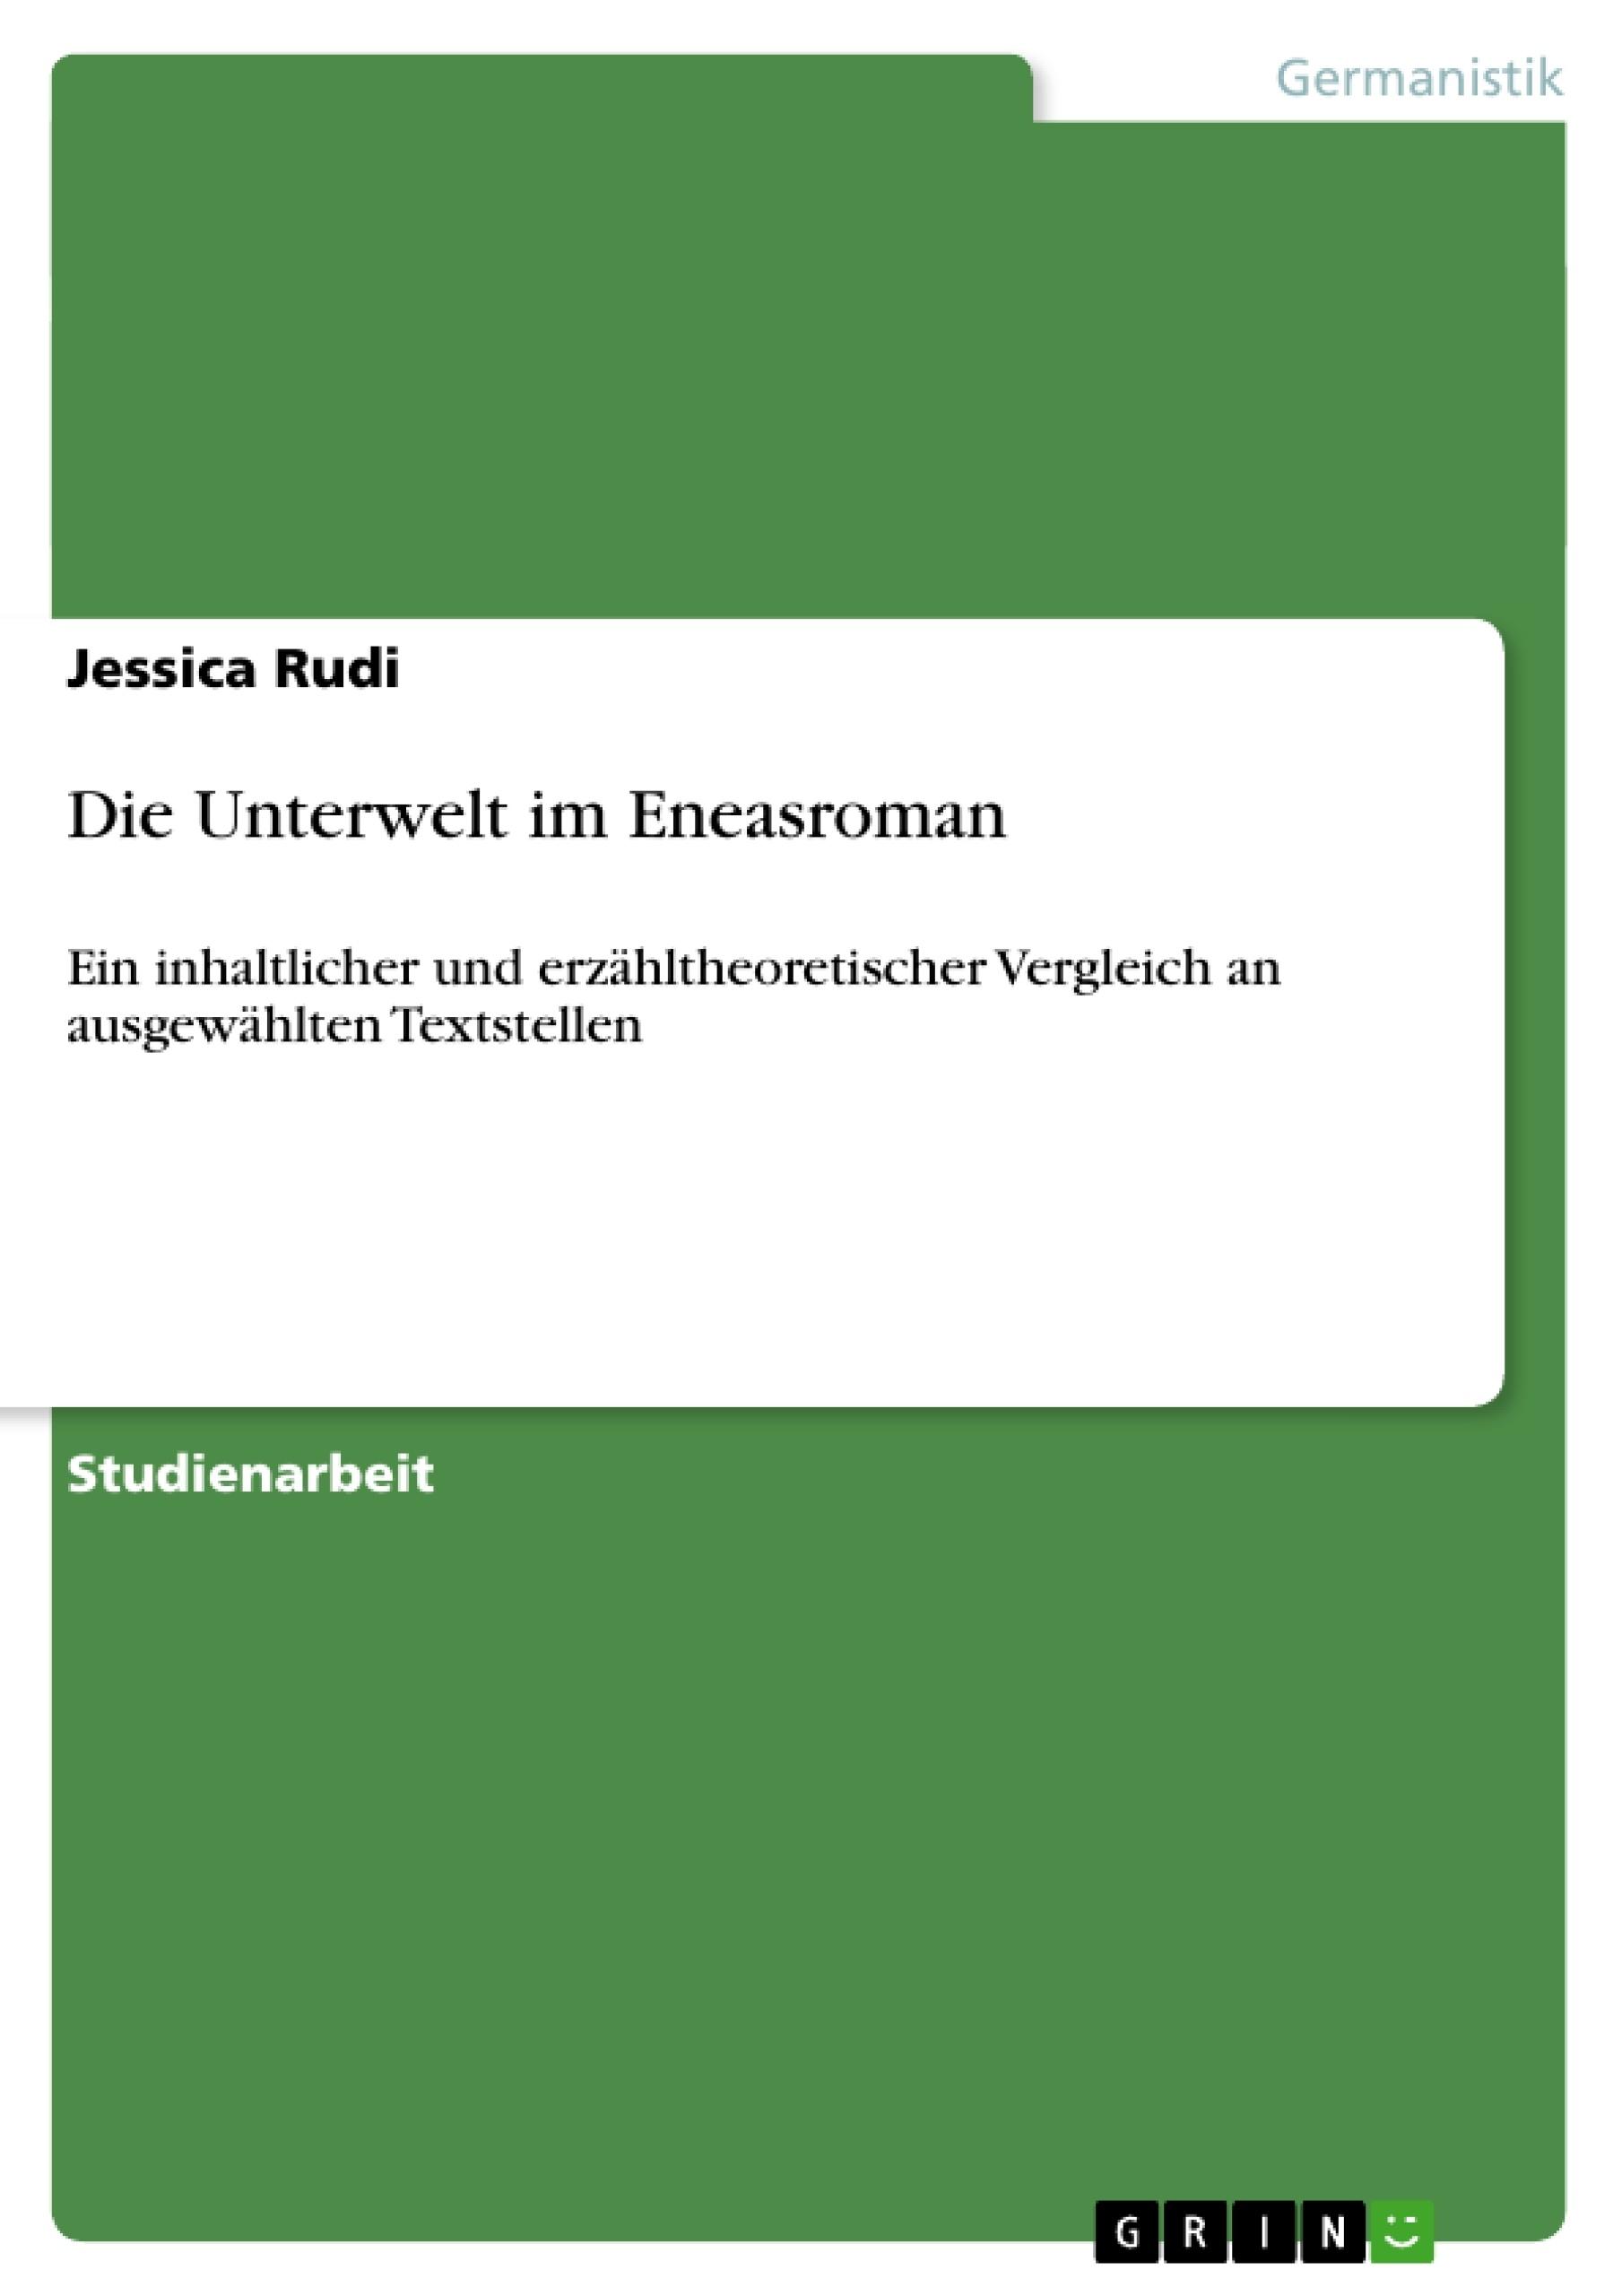 Titel: Die Unterwelt im Eneasroman